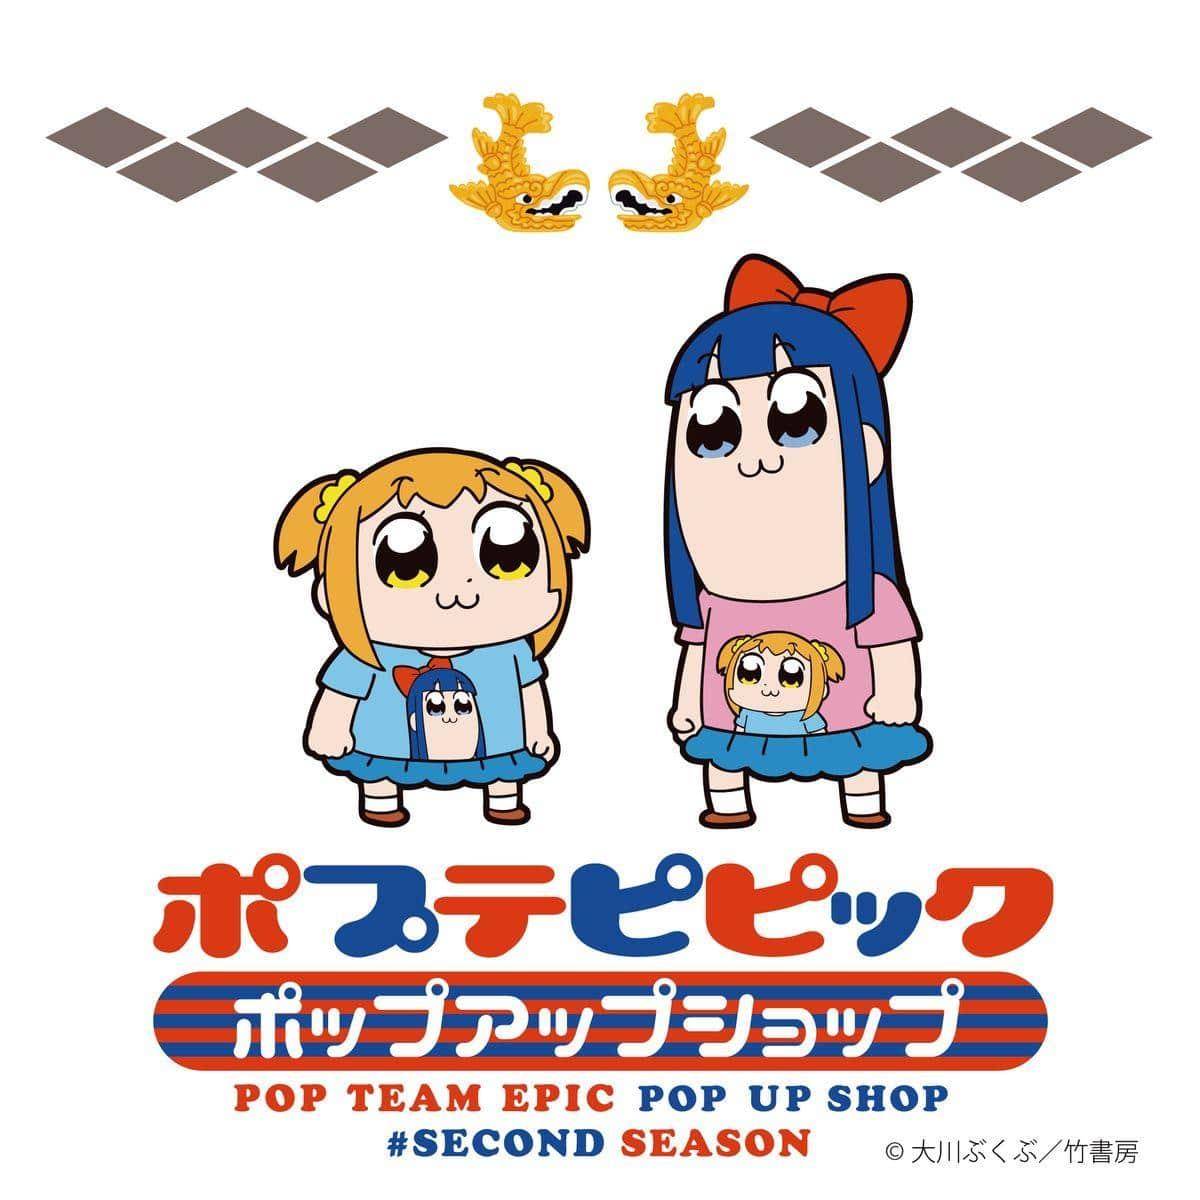 名古屋パルコで開催される「ポプテピピック ポップアップショップ セカンドシーズン」